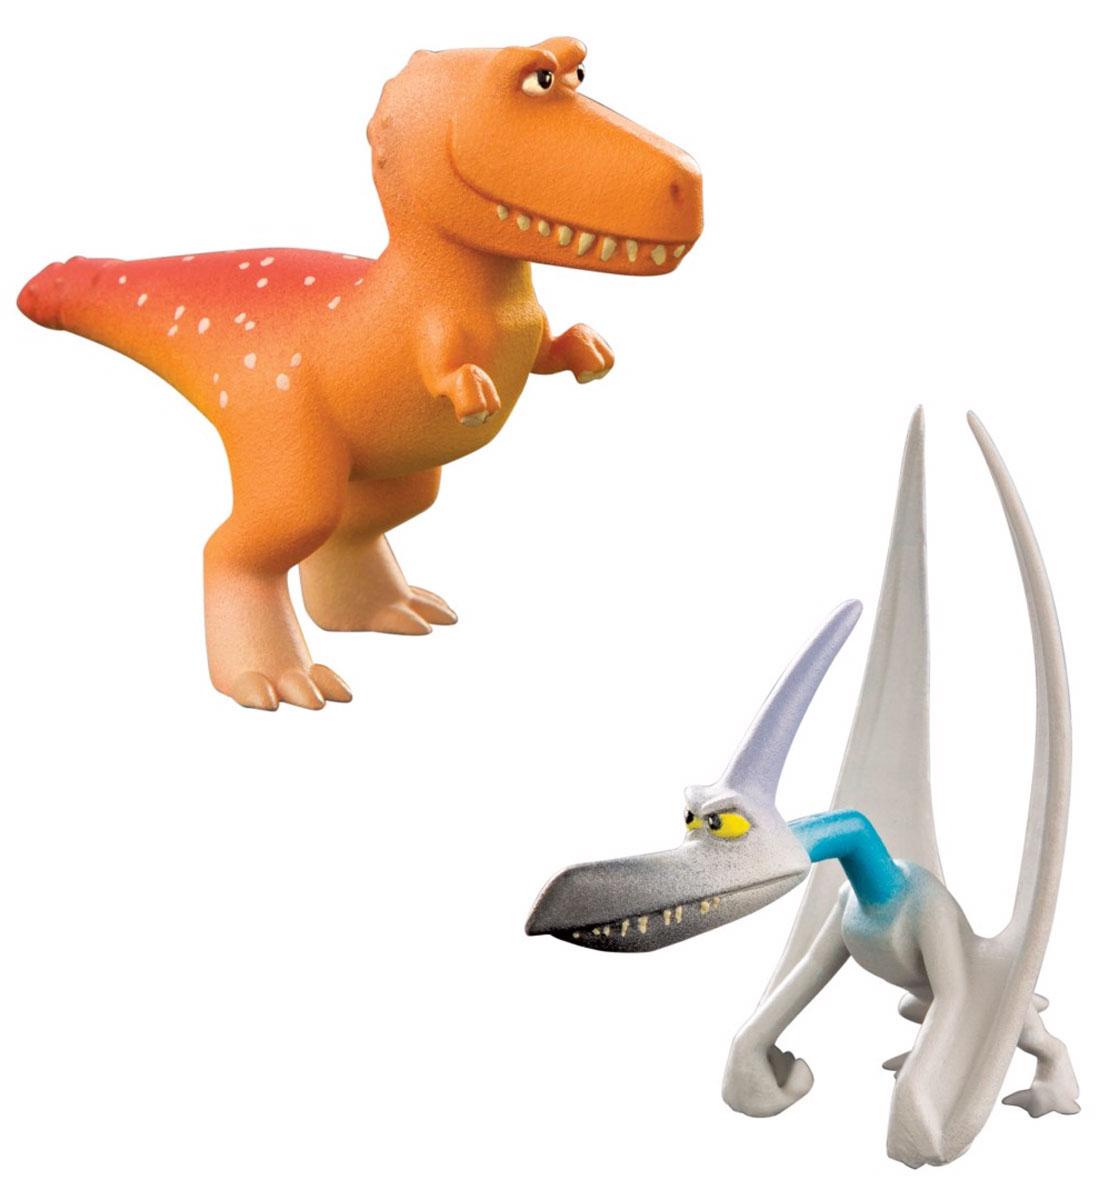 Хороший динозавр (Disney) Хороший динозавр Набор фигурок Рамзи и Громоклюв 62304